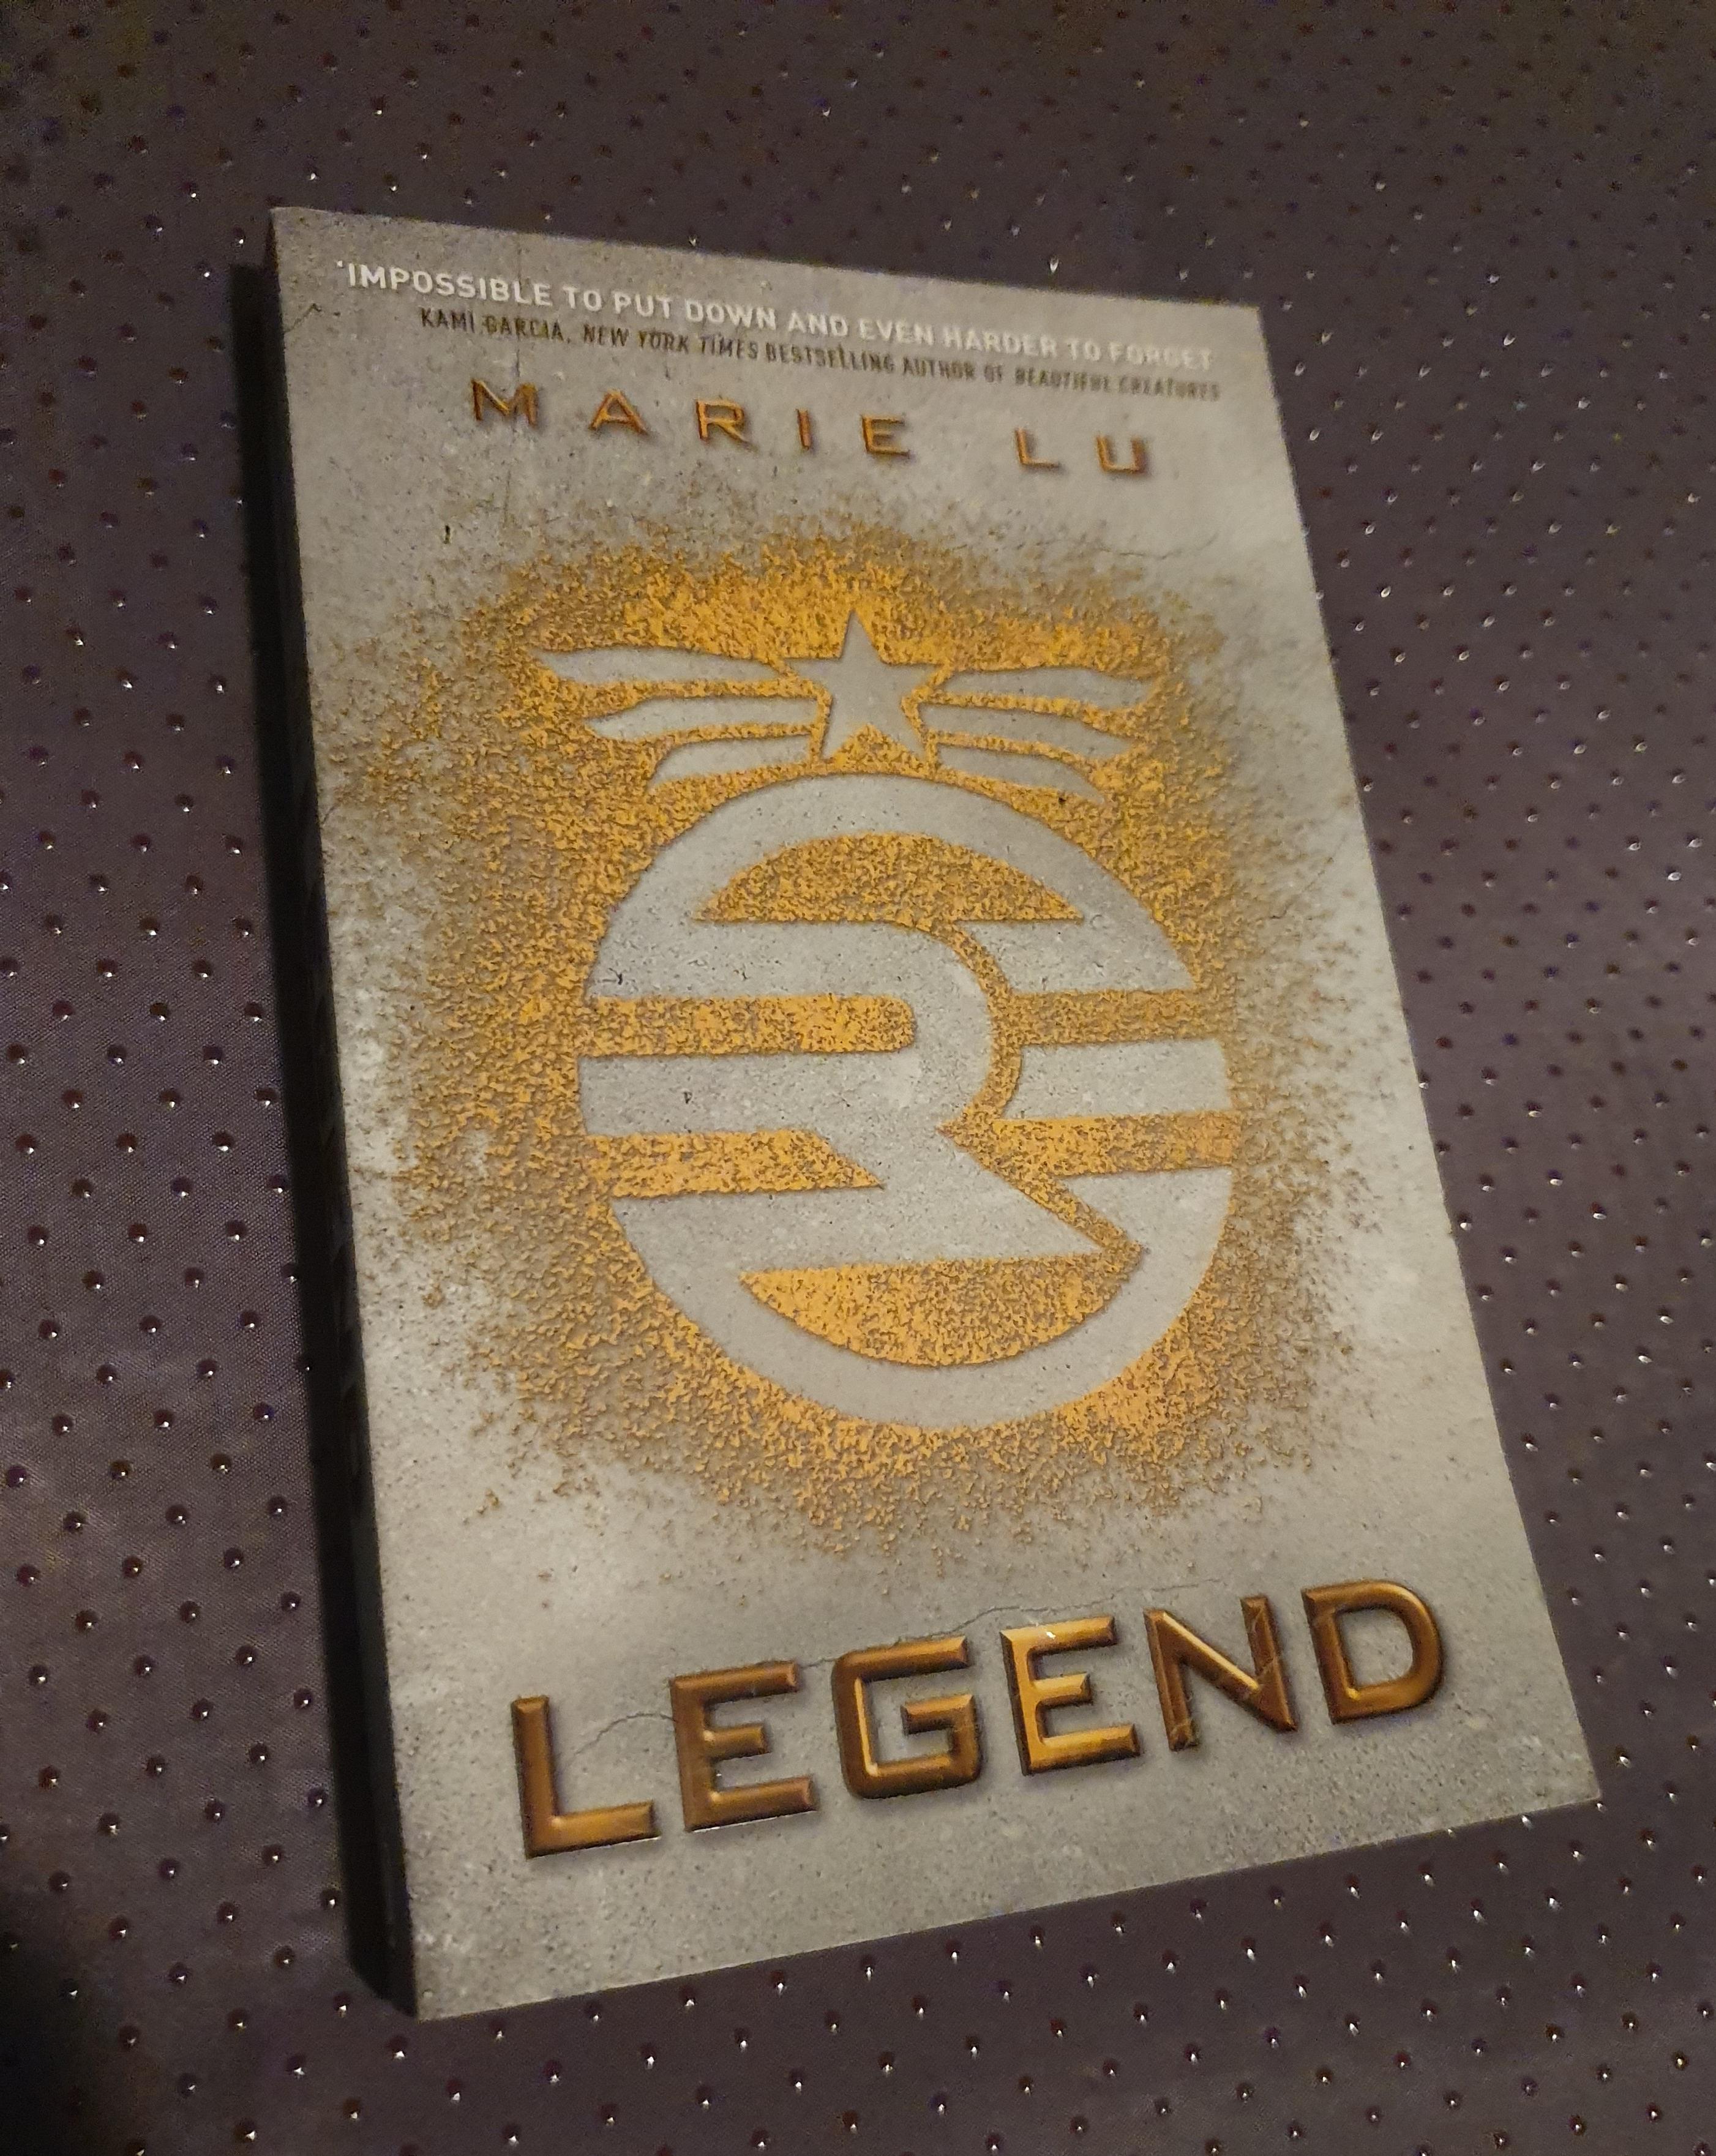 legend-by-marie-lu.jpg